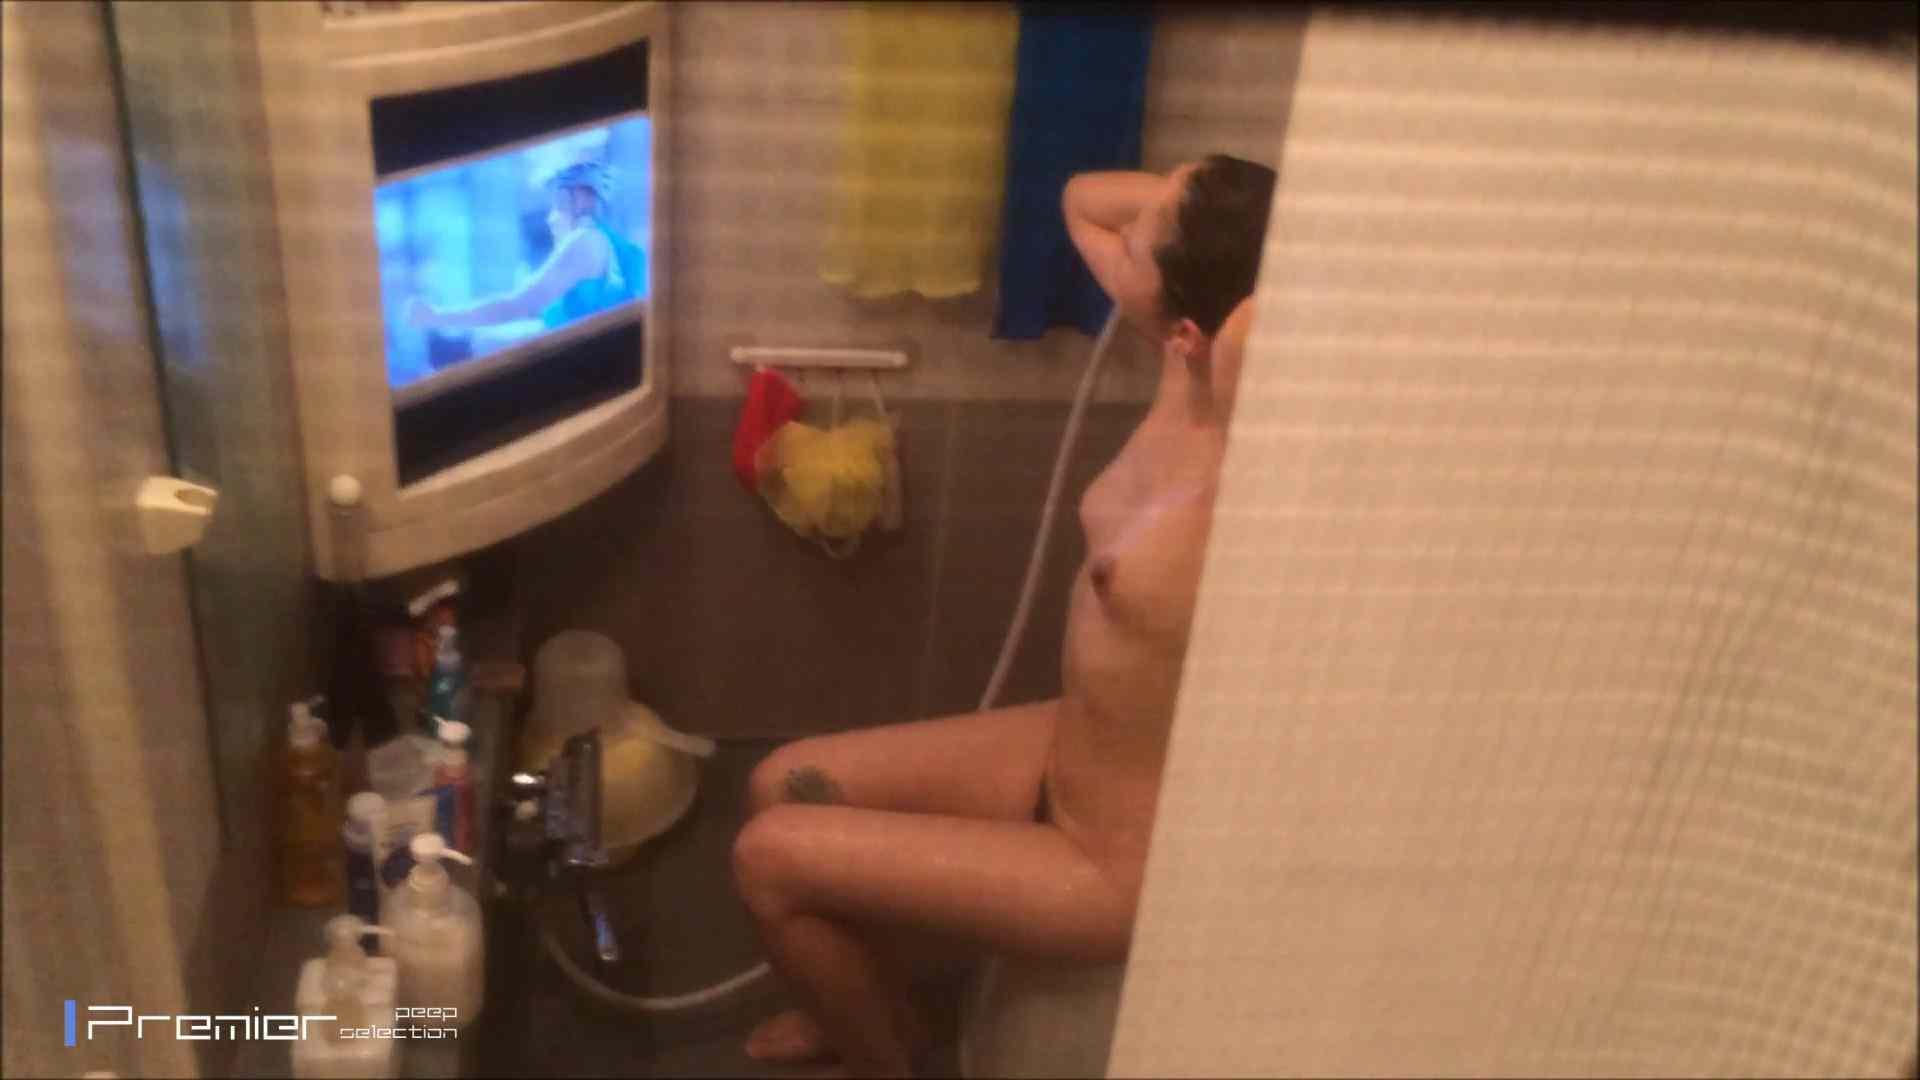 美女のテレビを見ながらの入浴 乙女の風呂場 Vol.21 投稿 アダルト動画キャプチャ 30pic 4